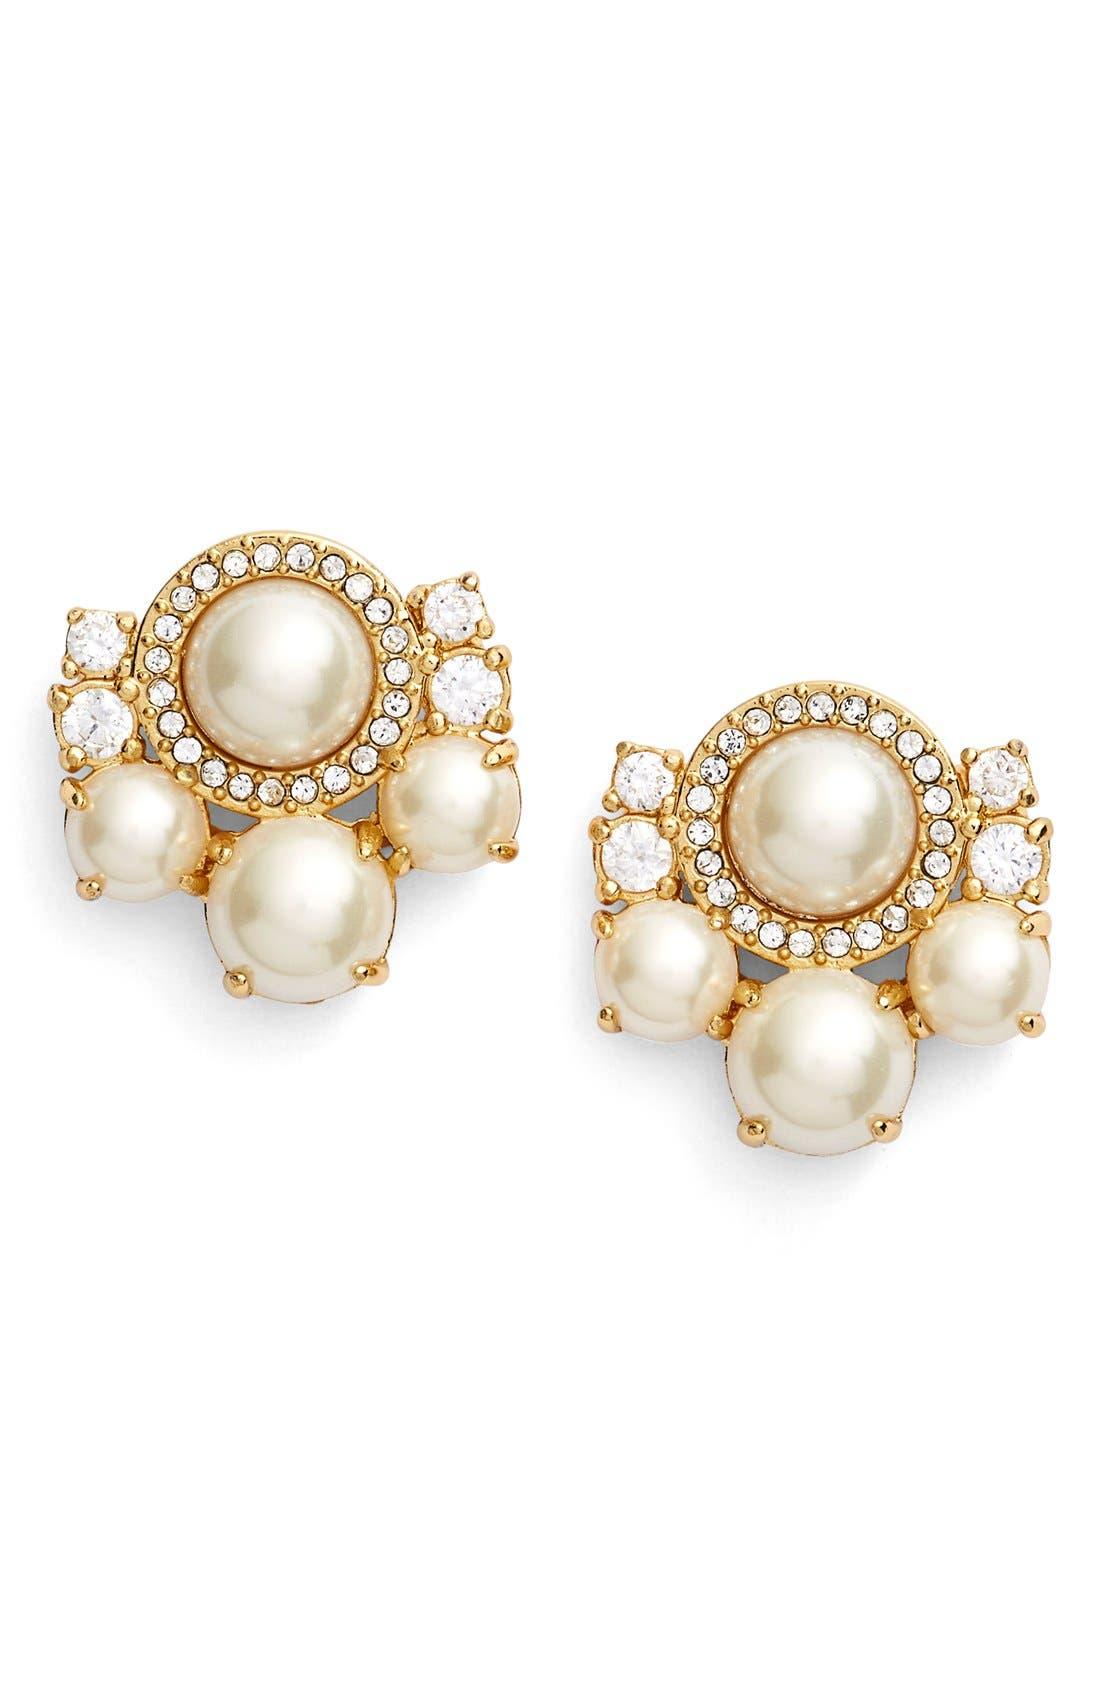 Main Image - kate spade new york pearls of wisdom cluster stud earrings